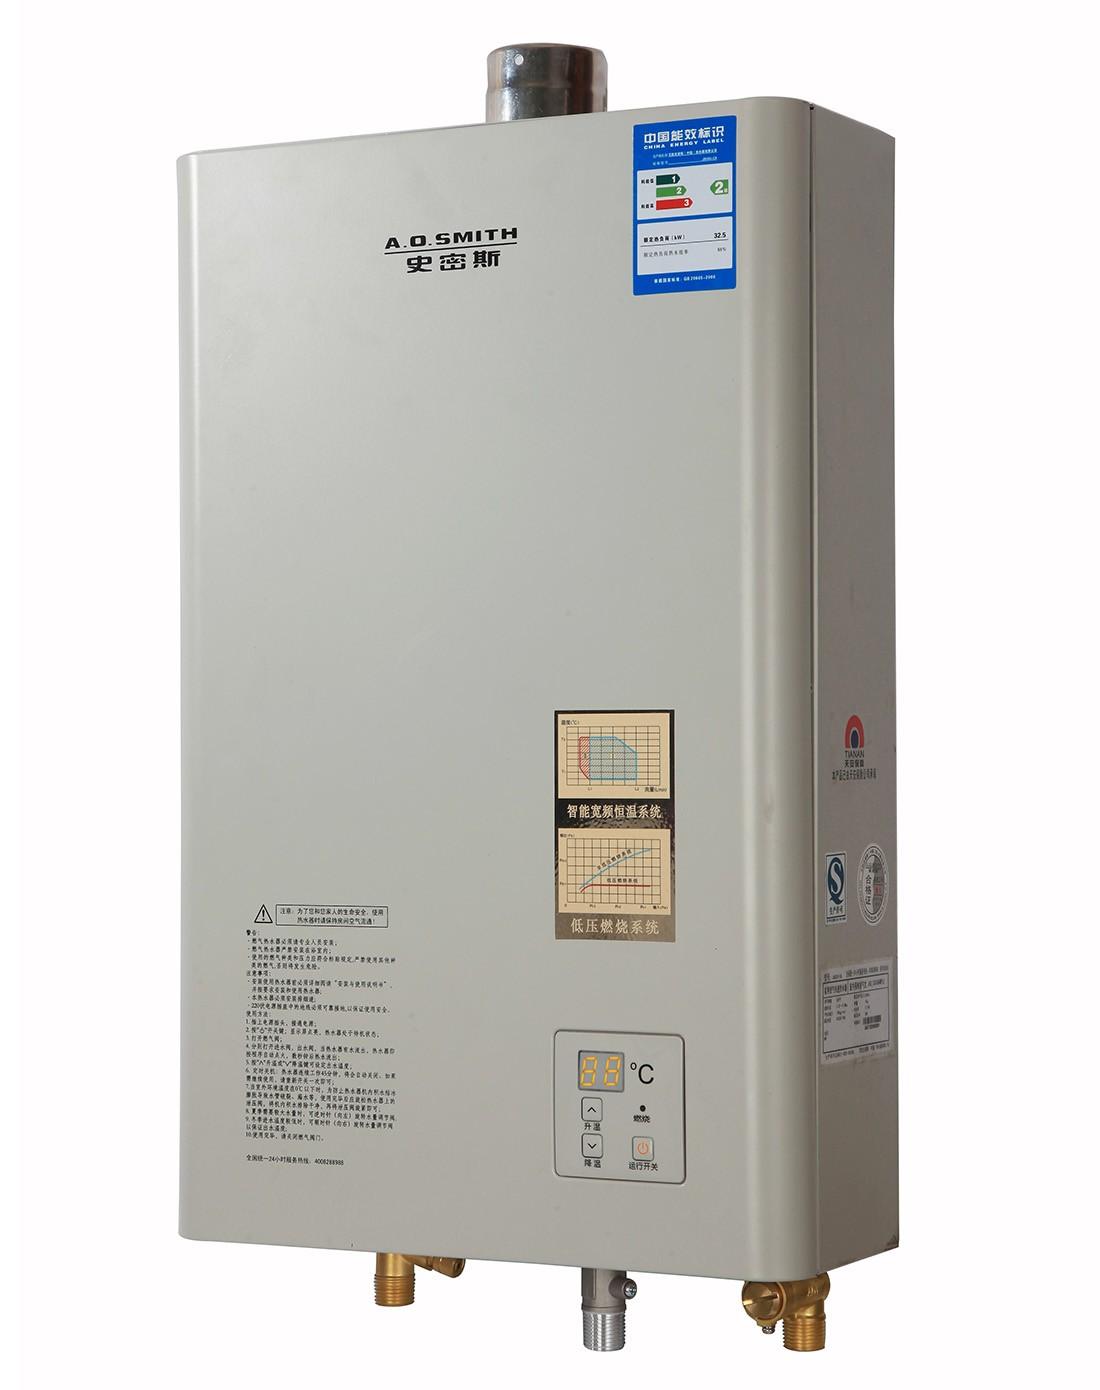 燃气热水器 恒温 天然气 11升